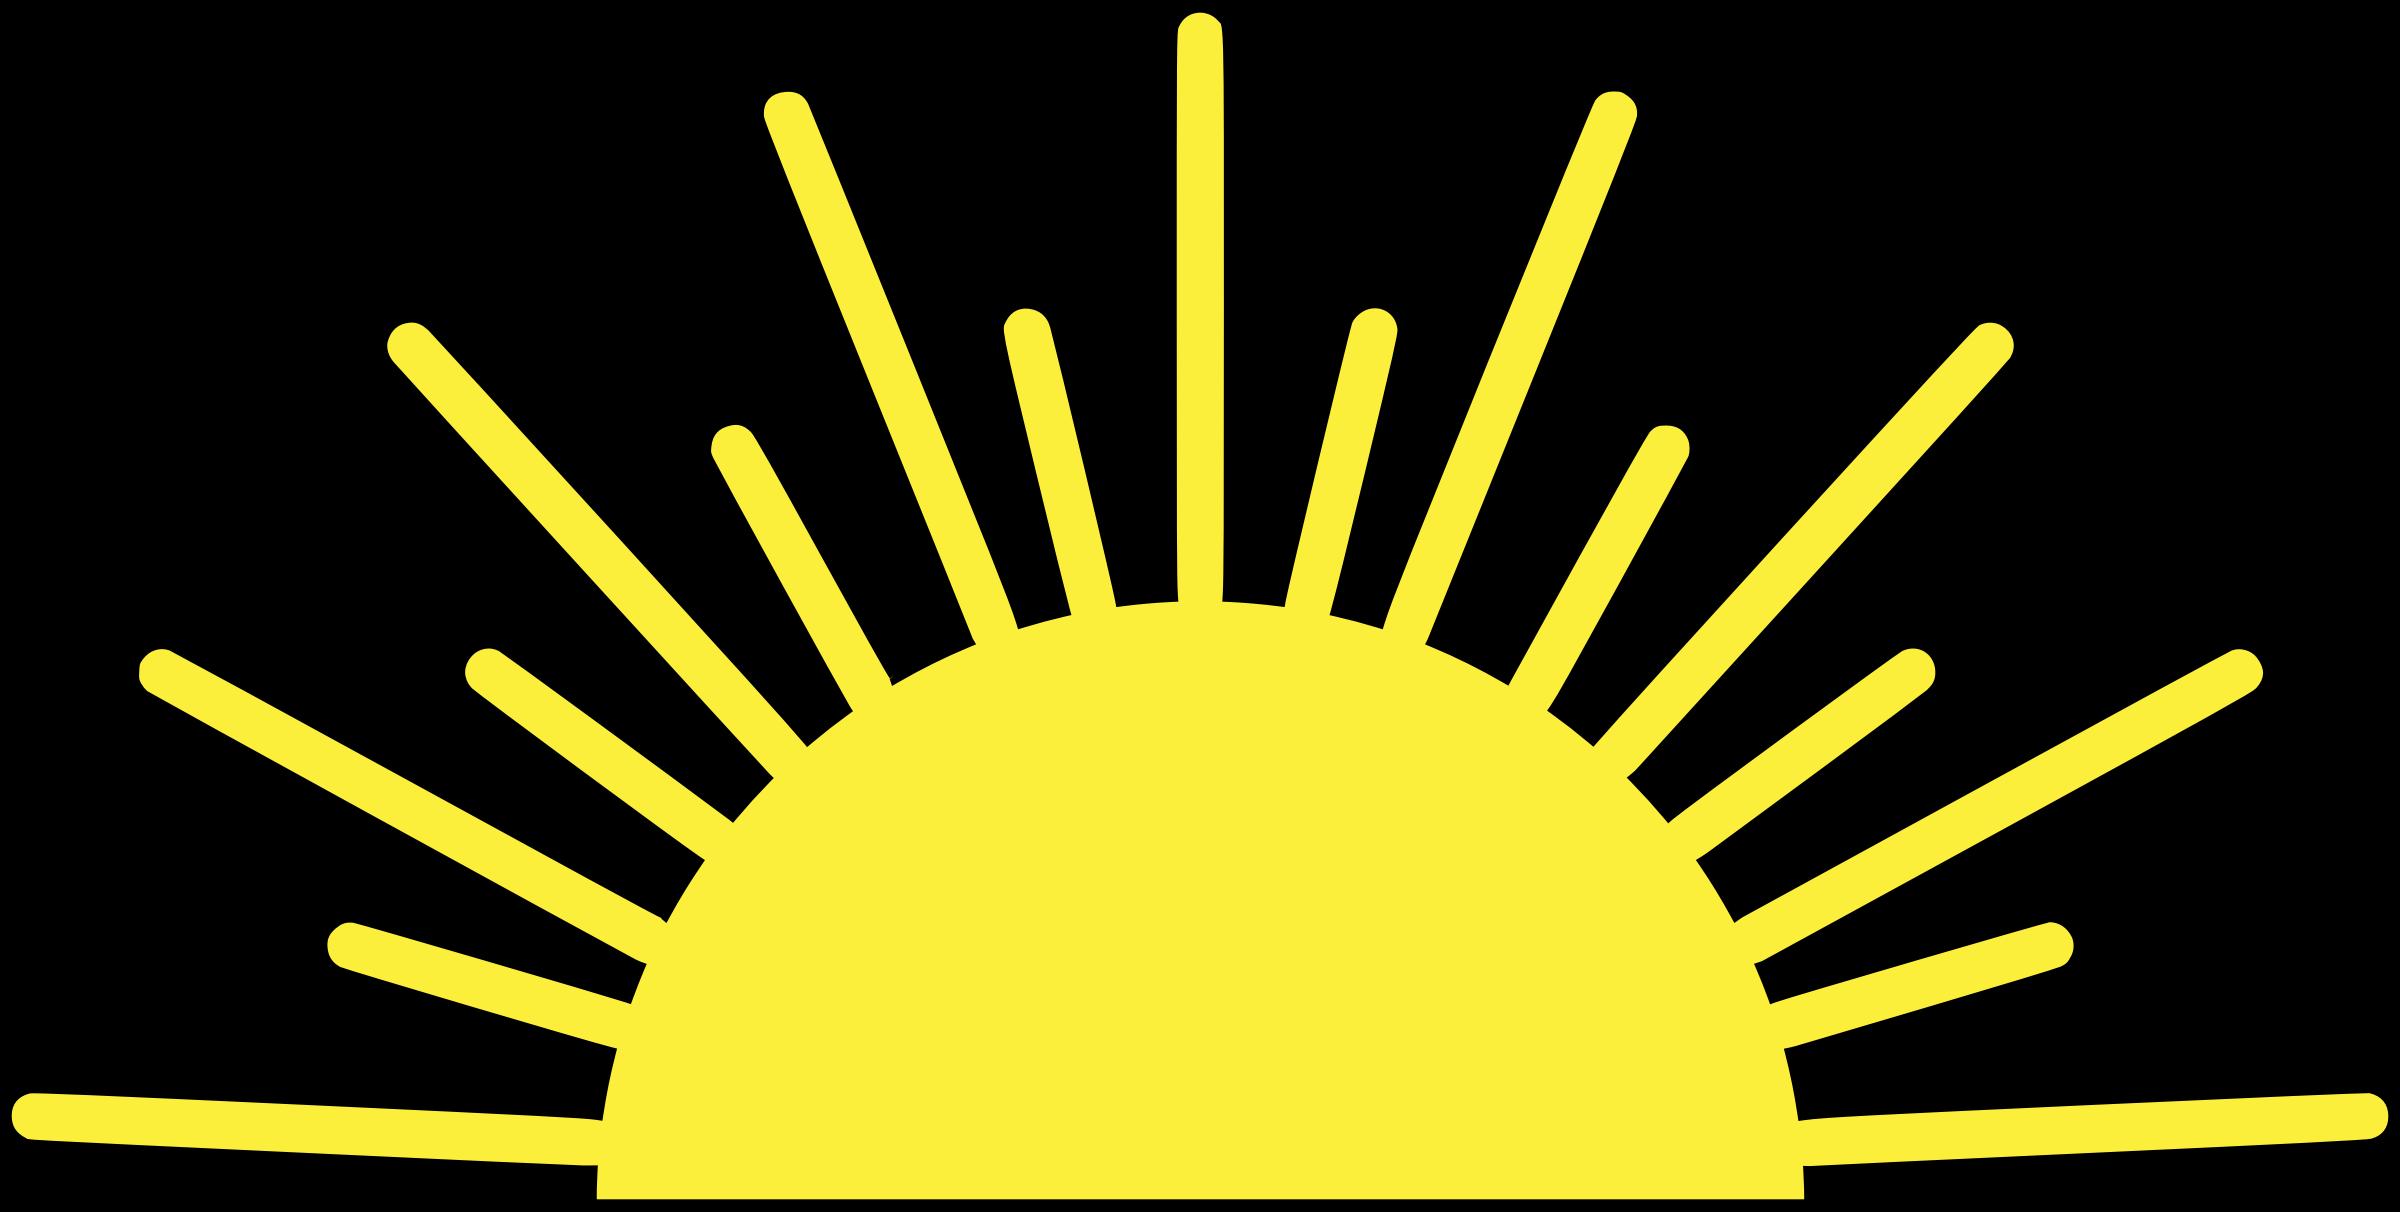 Sun Logo Design Templates Sea Logo Maker Online Hotel Logos Sea Logo Sun Logo Logo Design Template